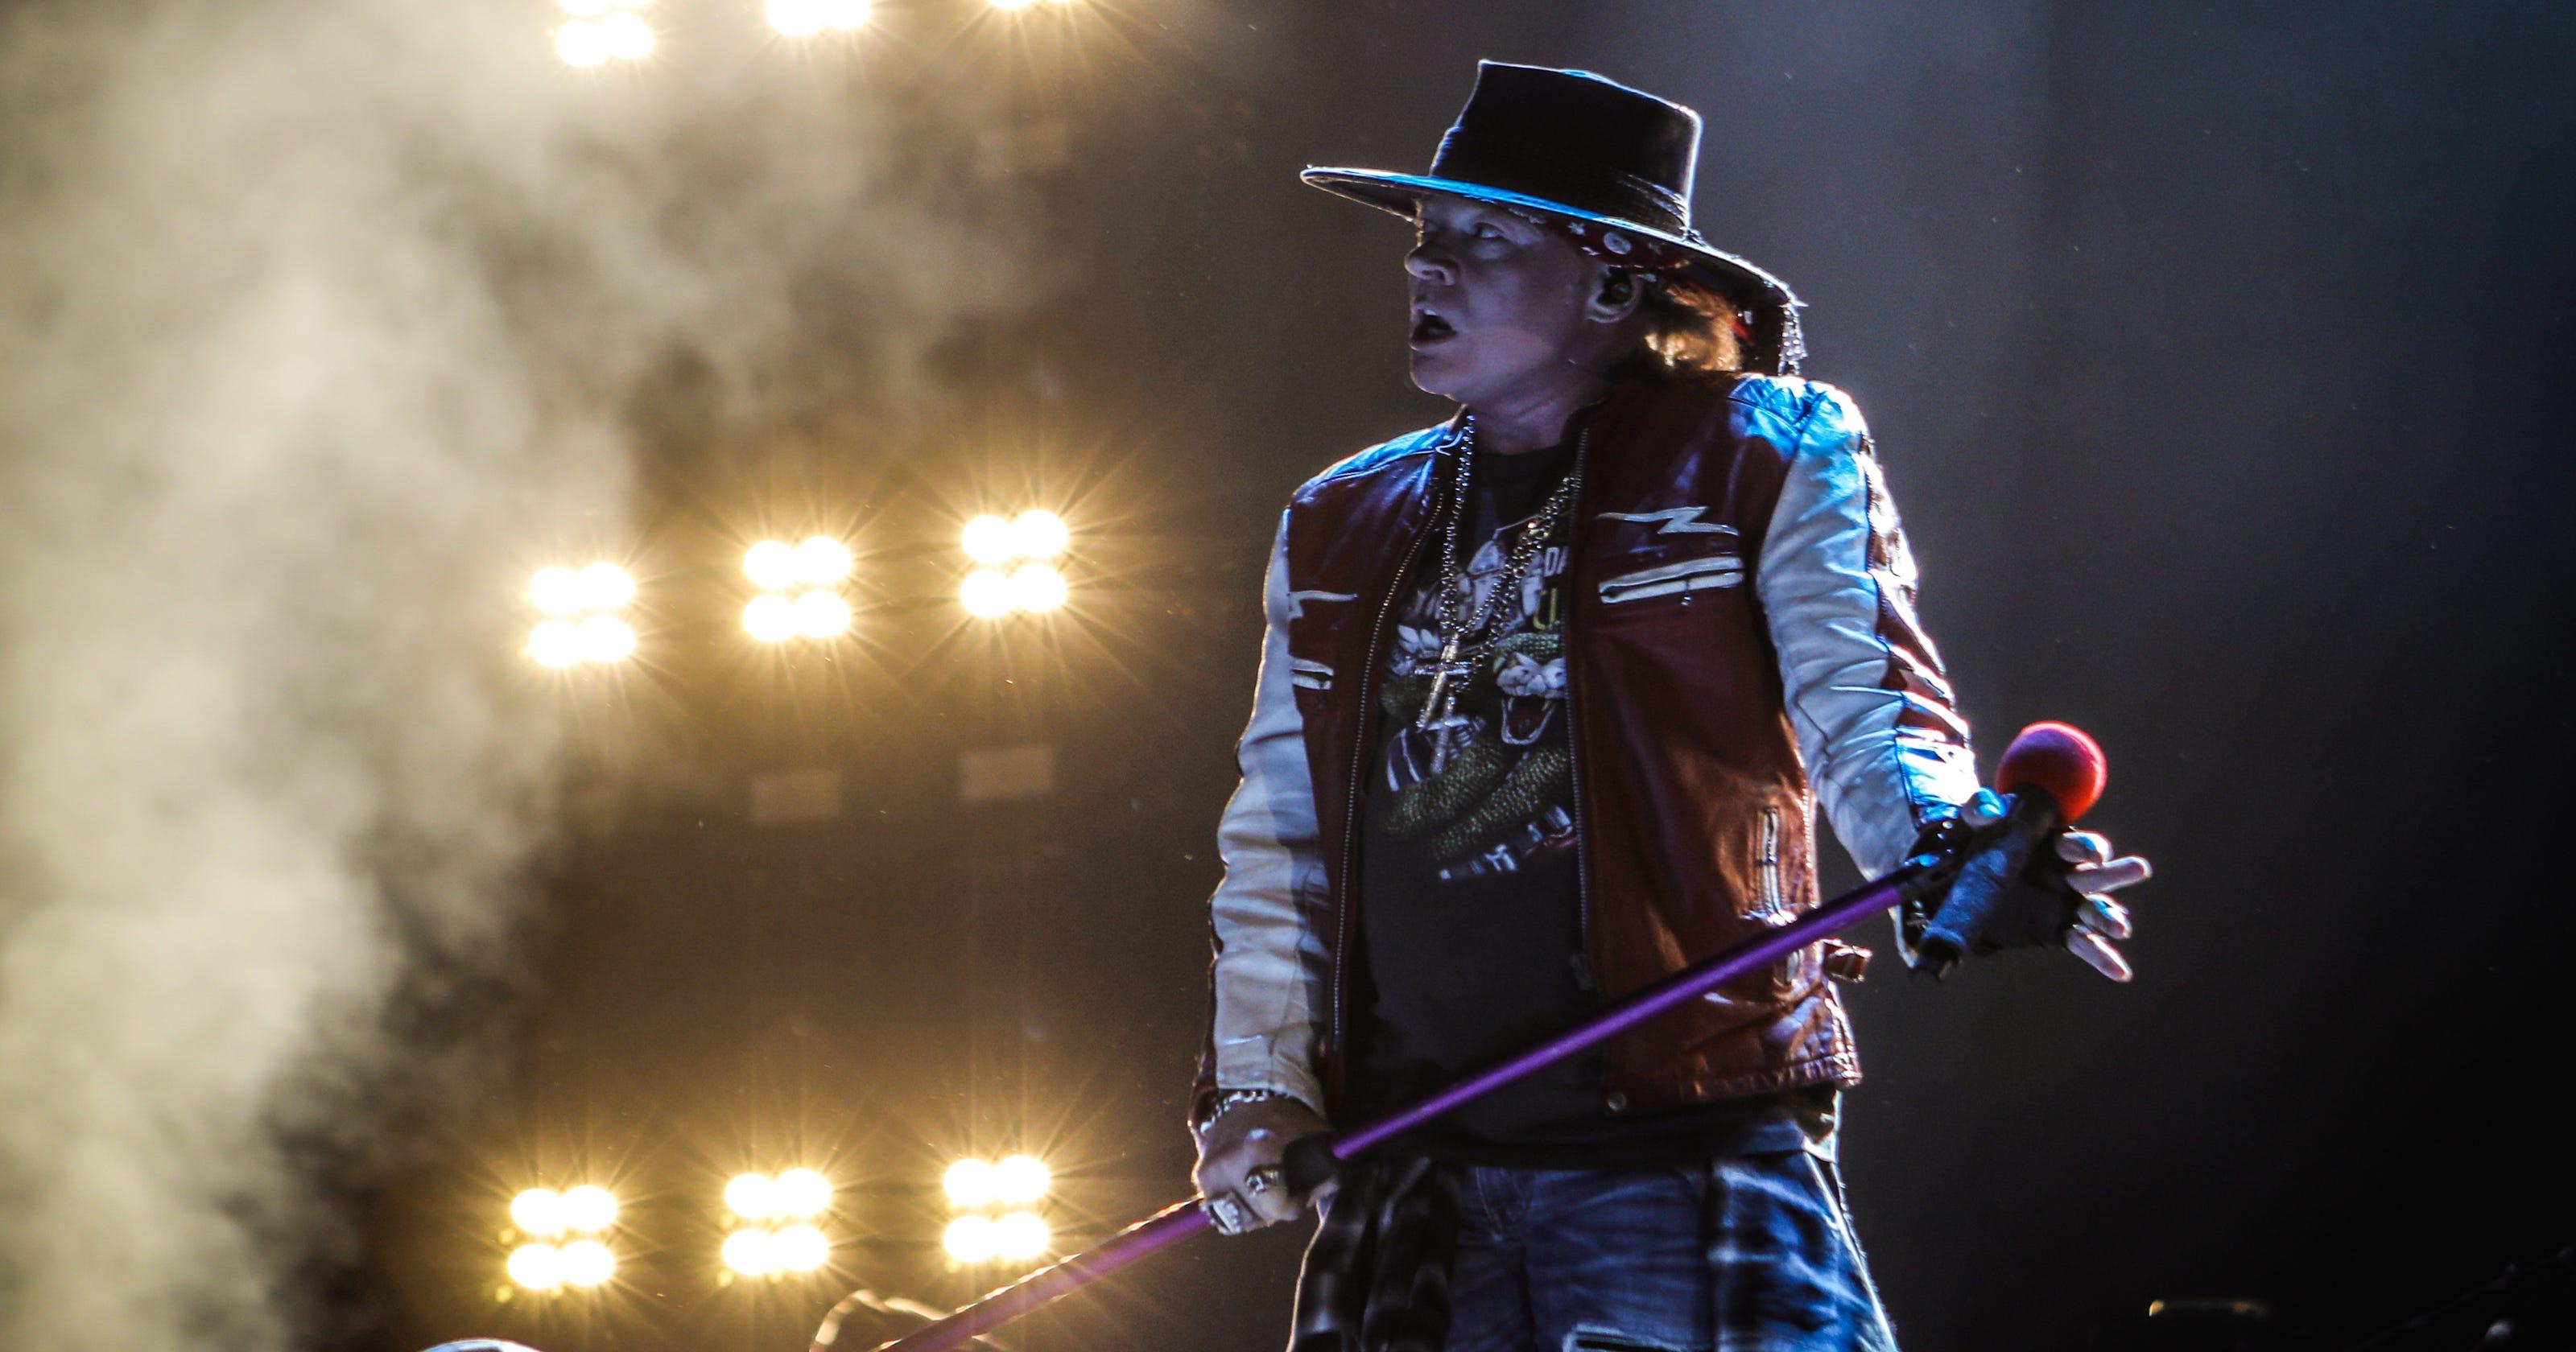 Guns N' Roses reschedules Summerfest amphitheater show for July 10, 2021